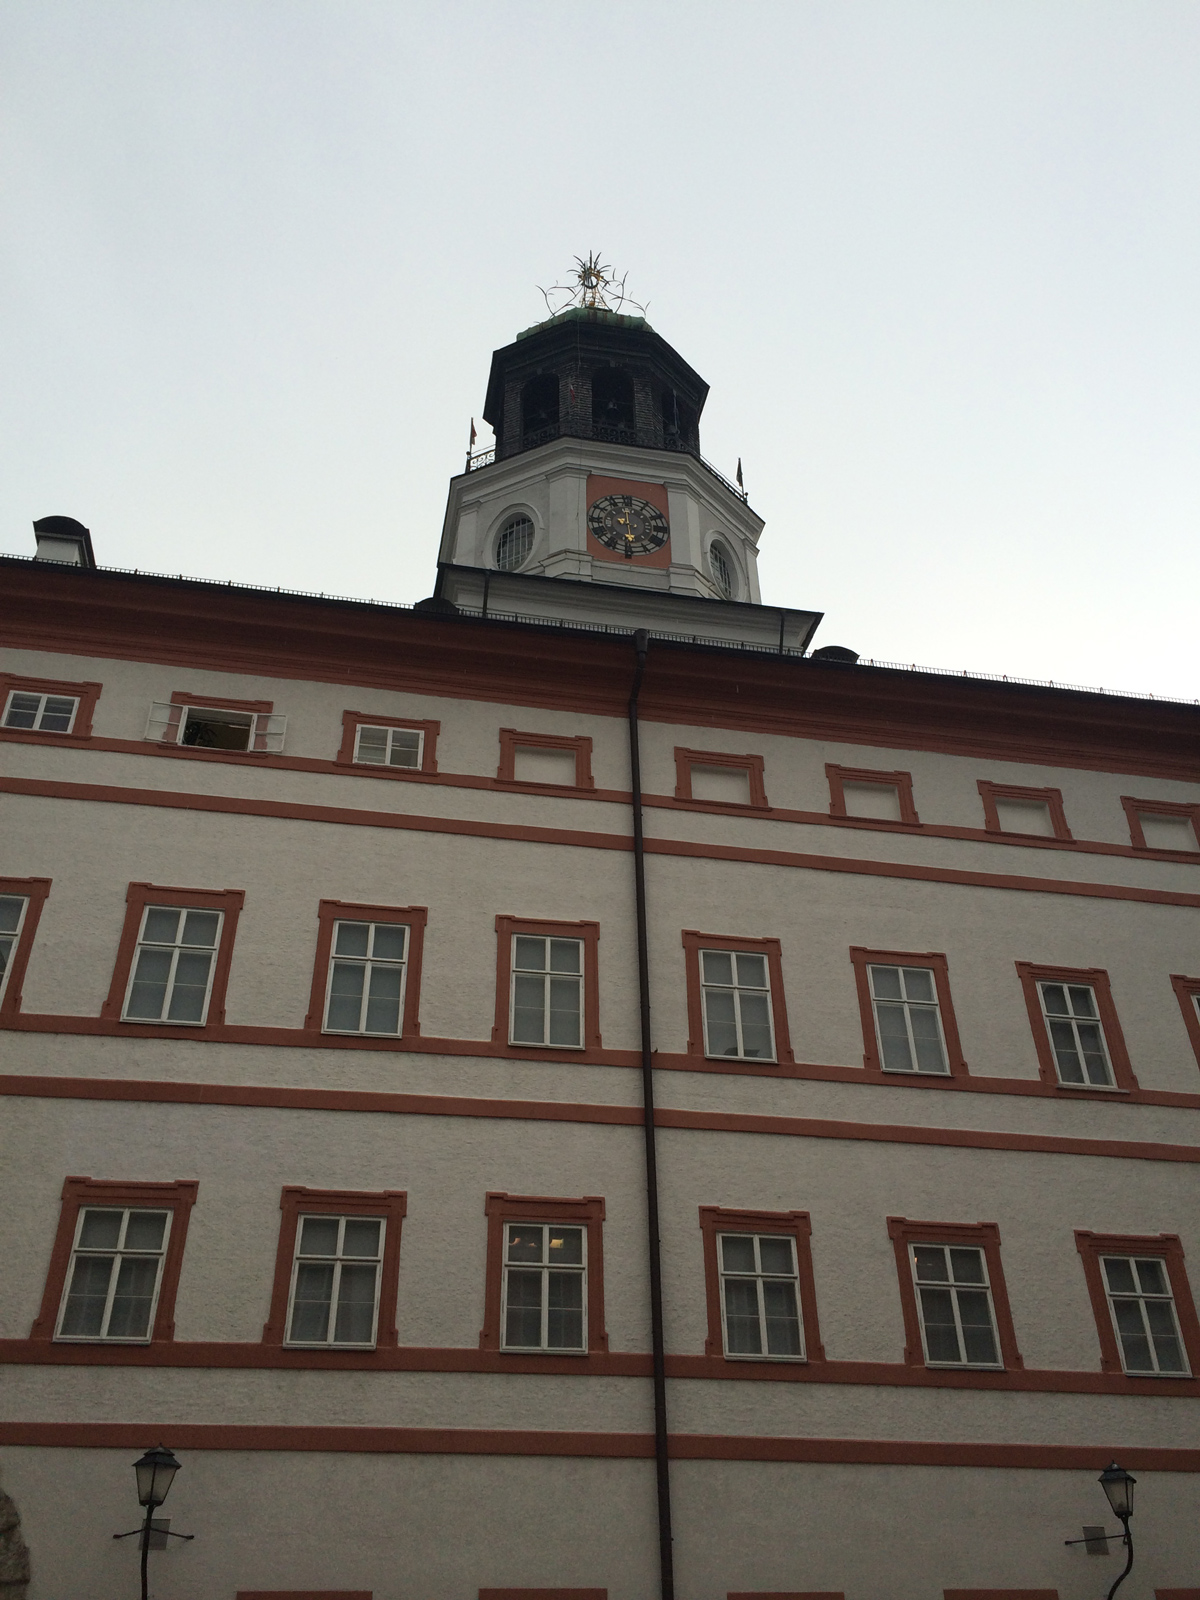 Glockenspiel salzburg uhrzeit